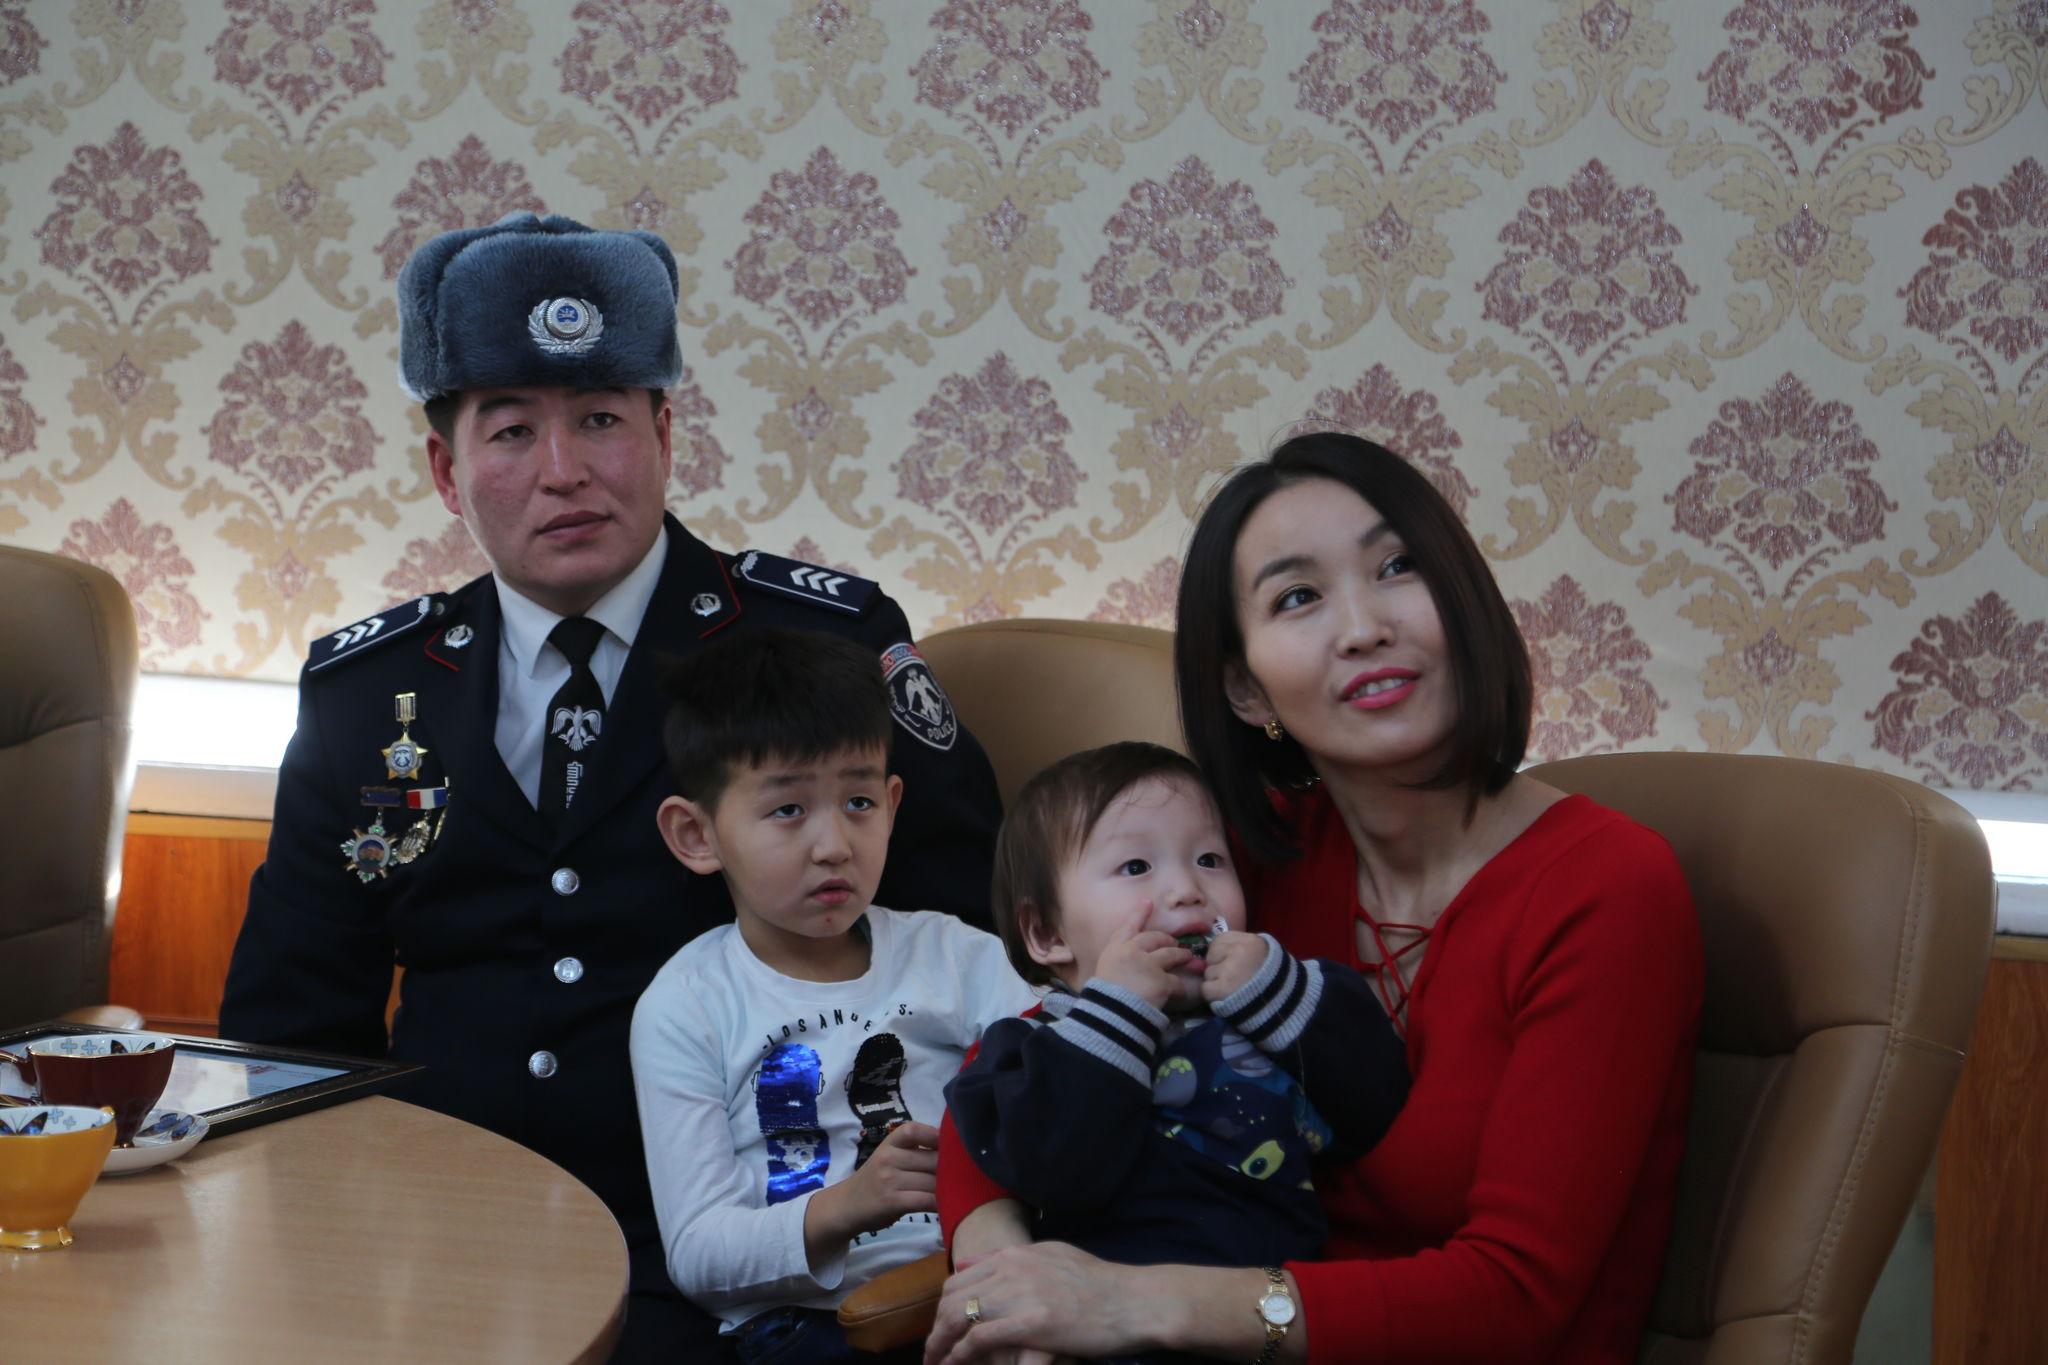 """""""Цагдаагийн гэр бүл"""" сэдэвт теле нэвтрүүлгийн уралдааны дүн гарлаа"""